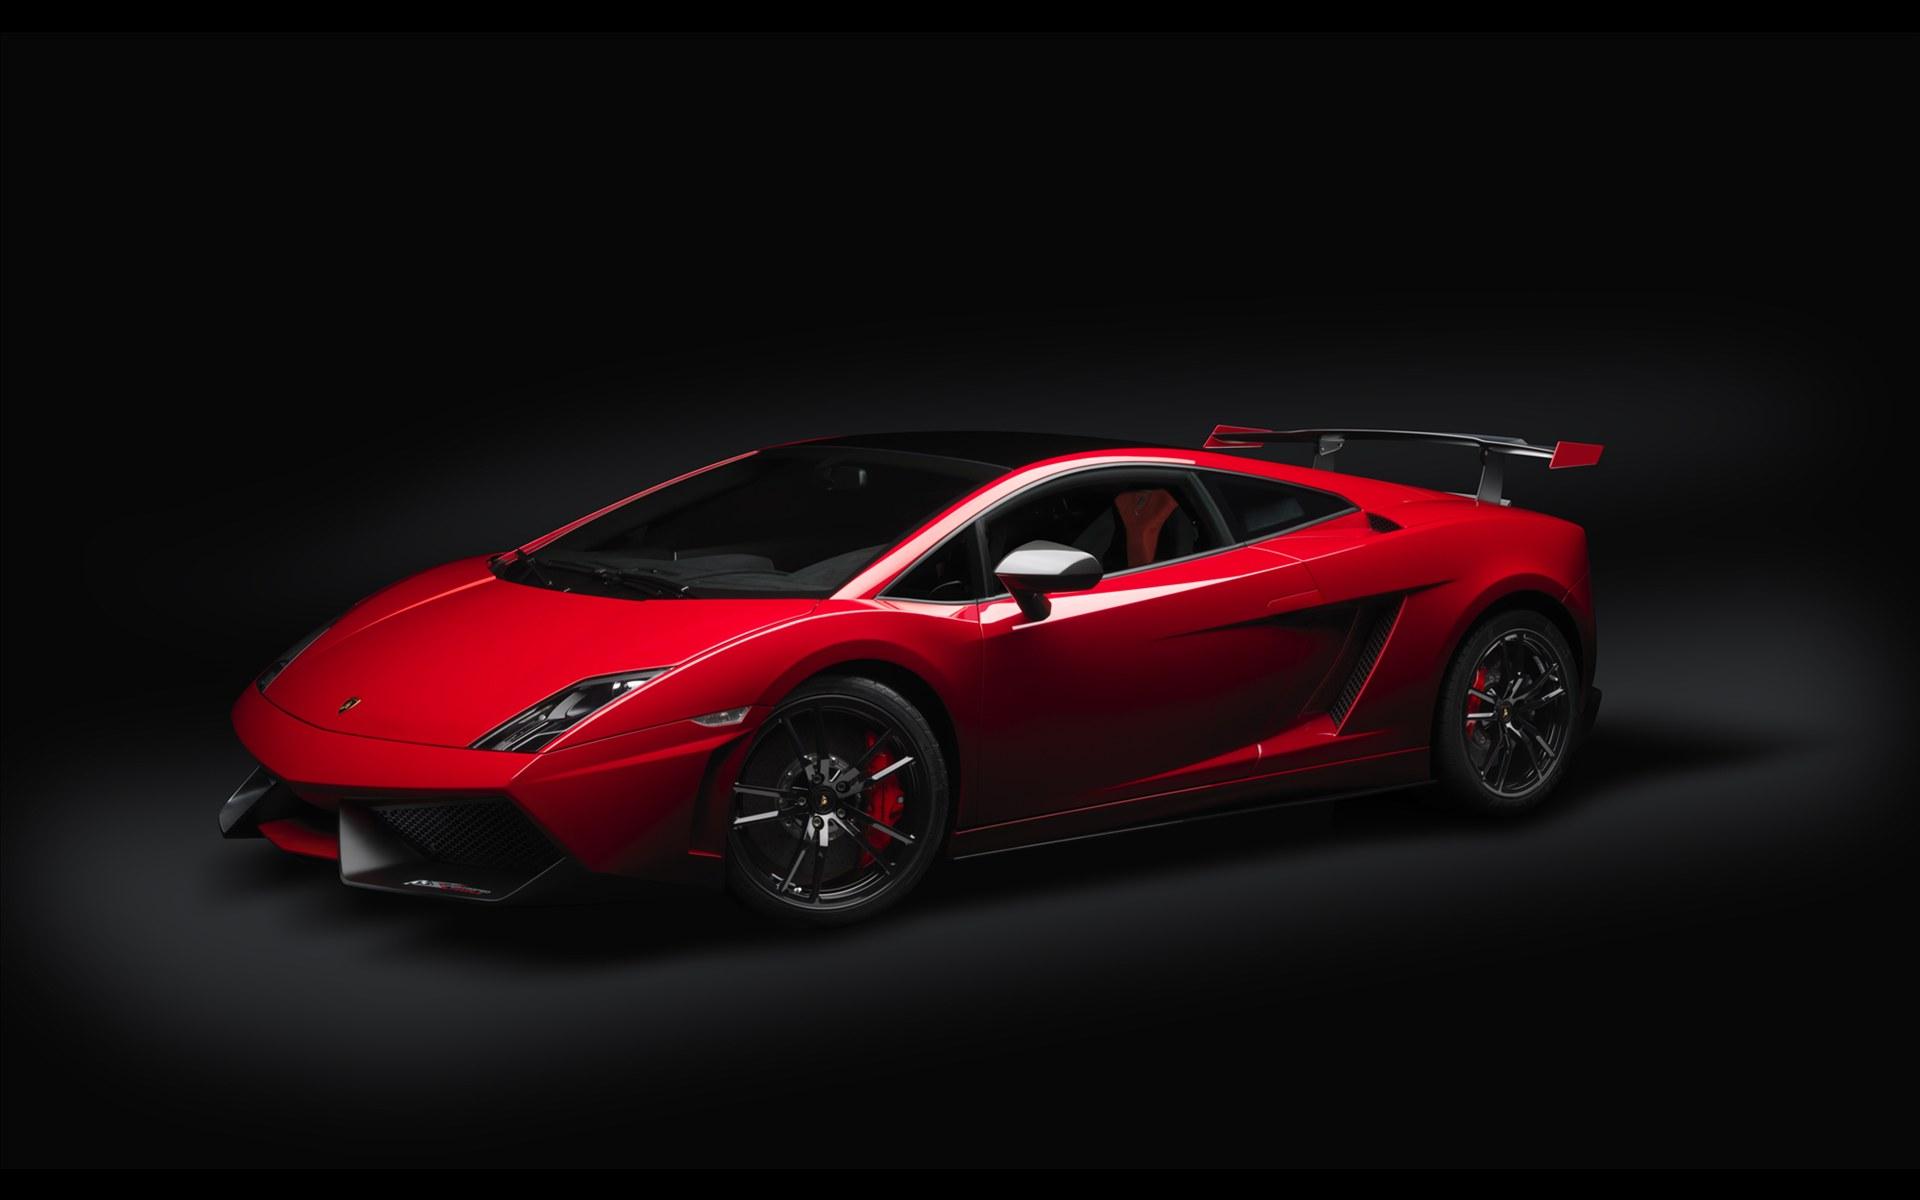 2012 Lamborghini gallardo-HD